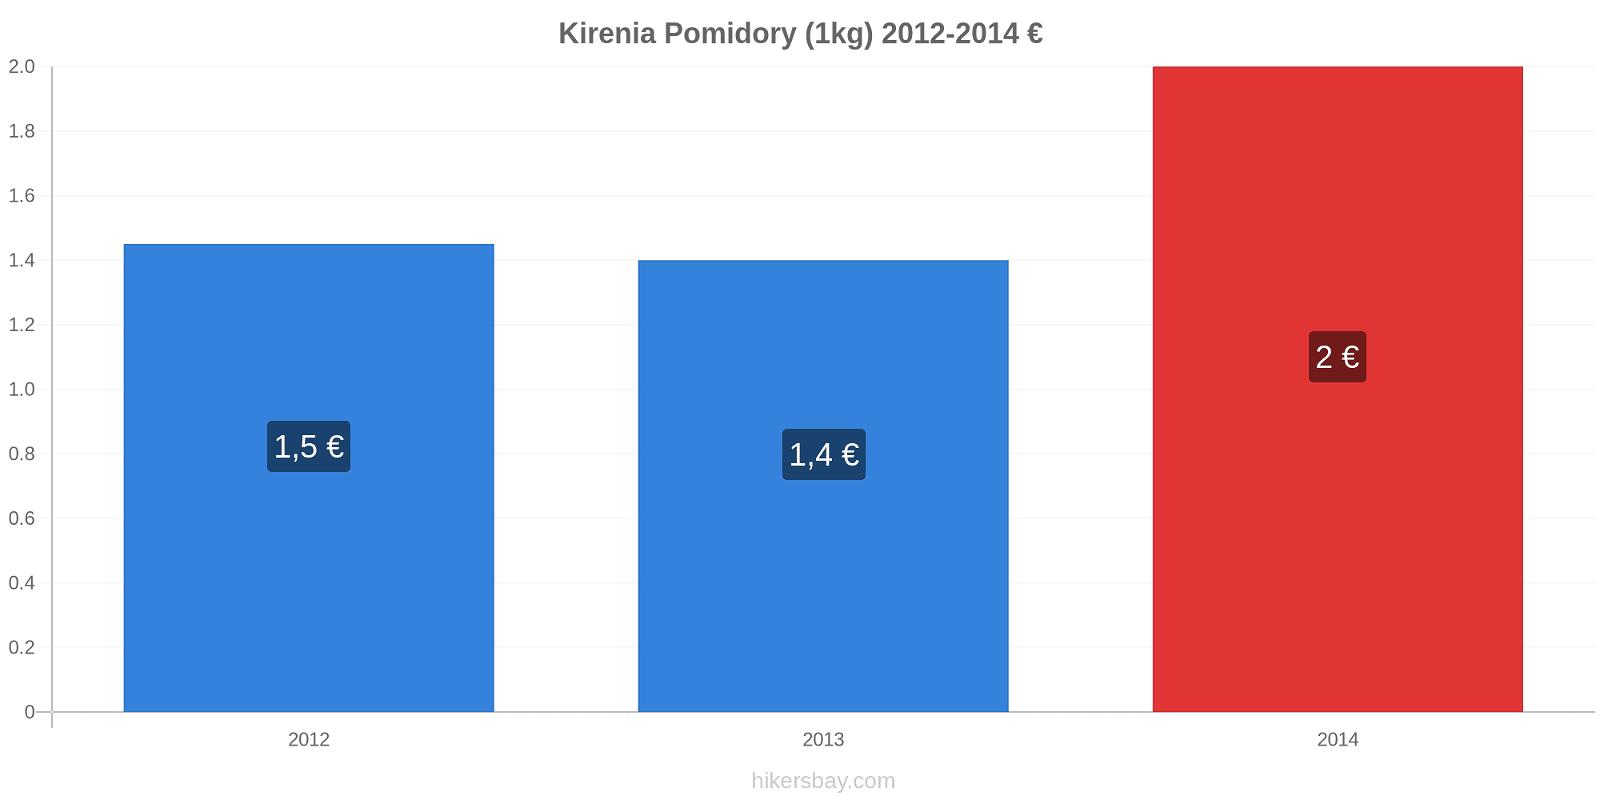 Kirenia zmiany cen Pomidory (1kg) hikersbay.com